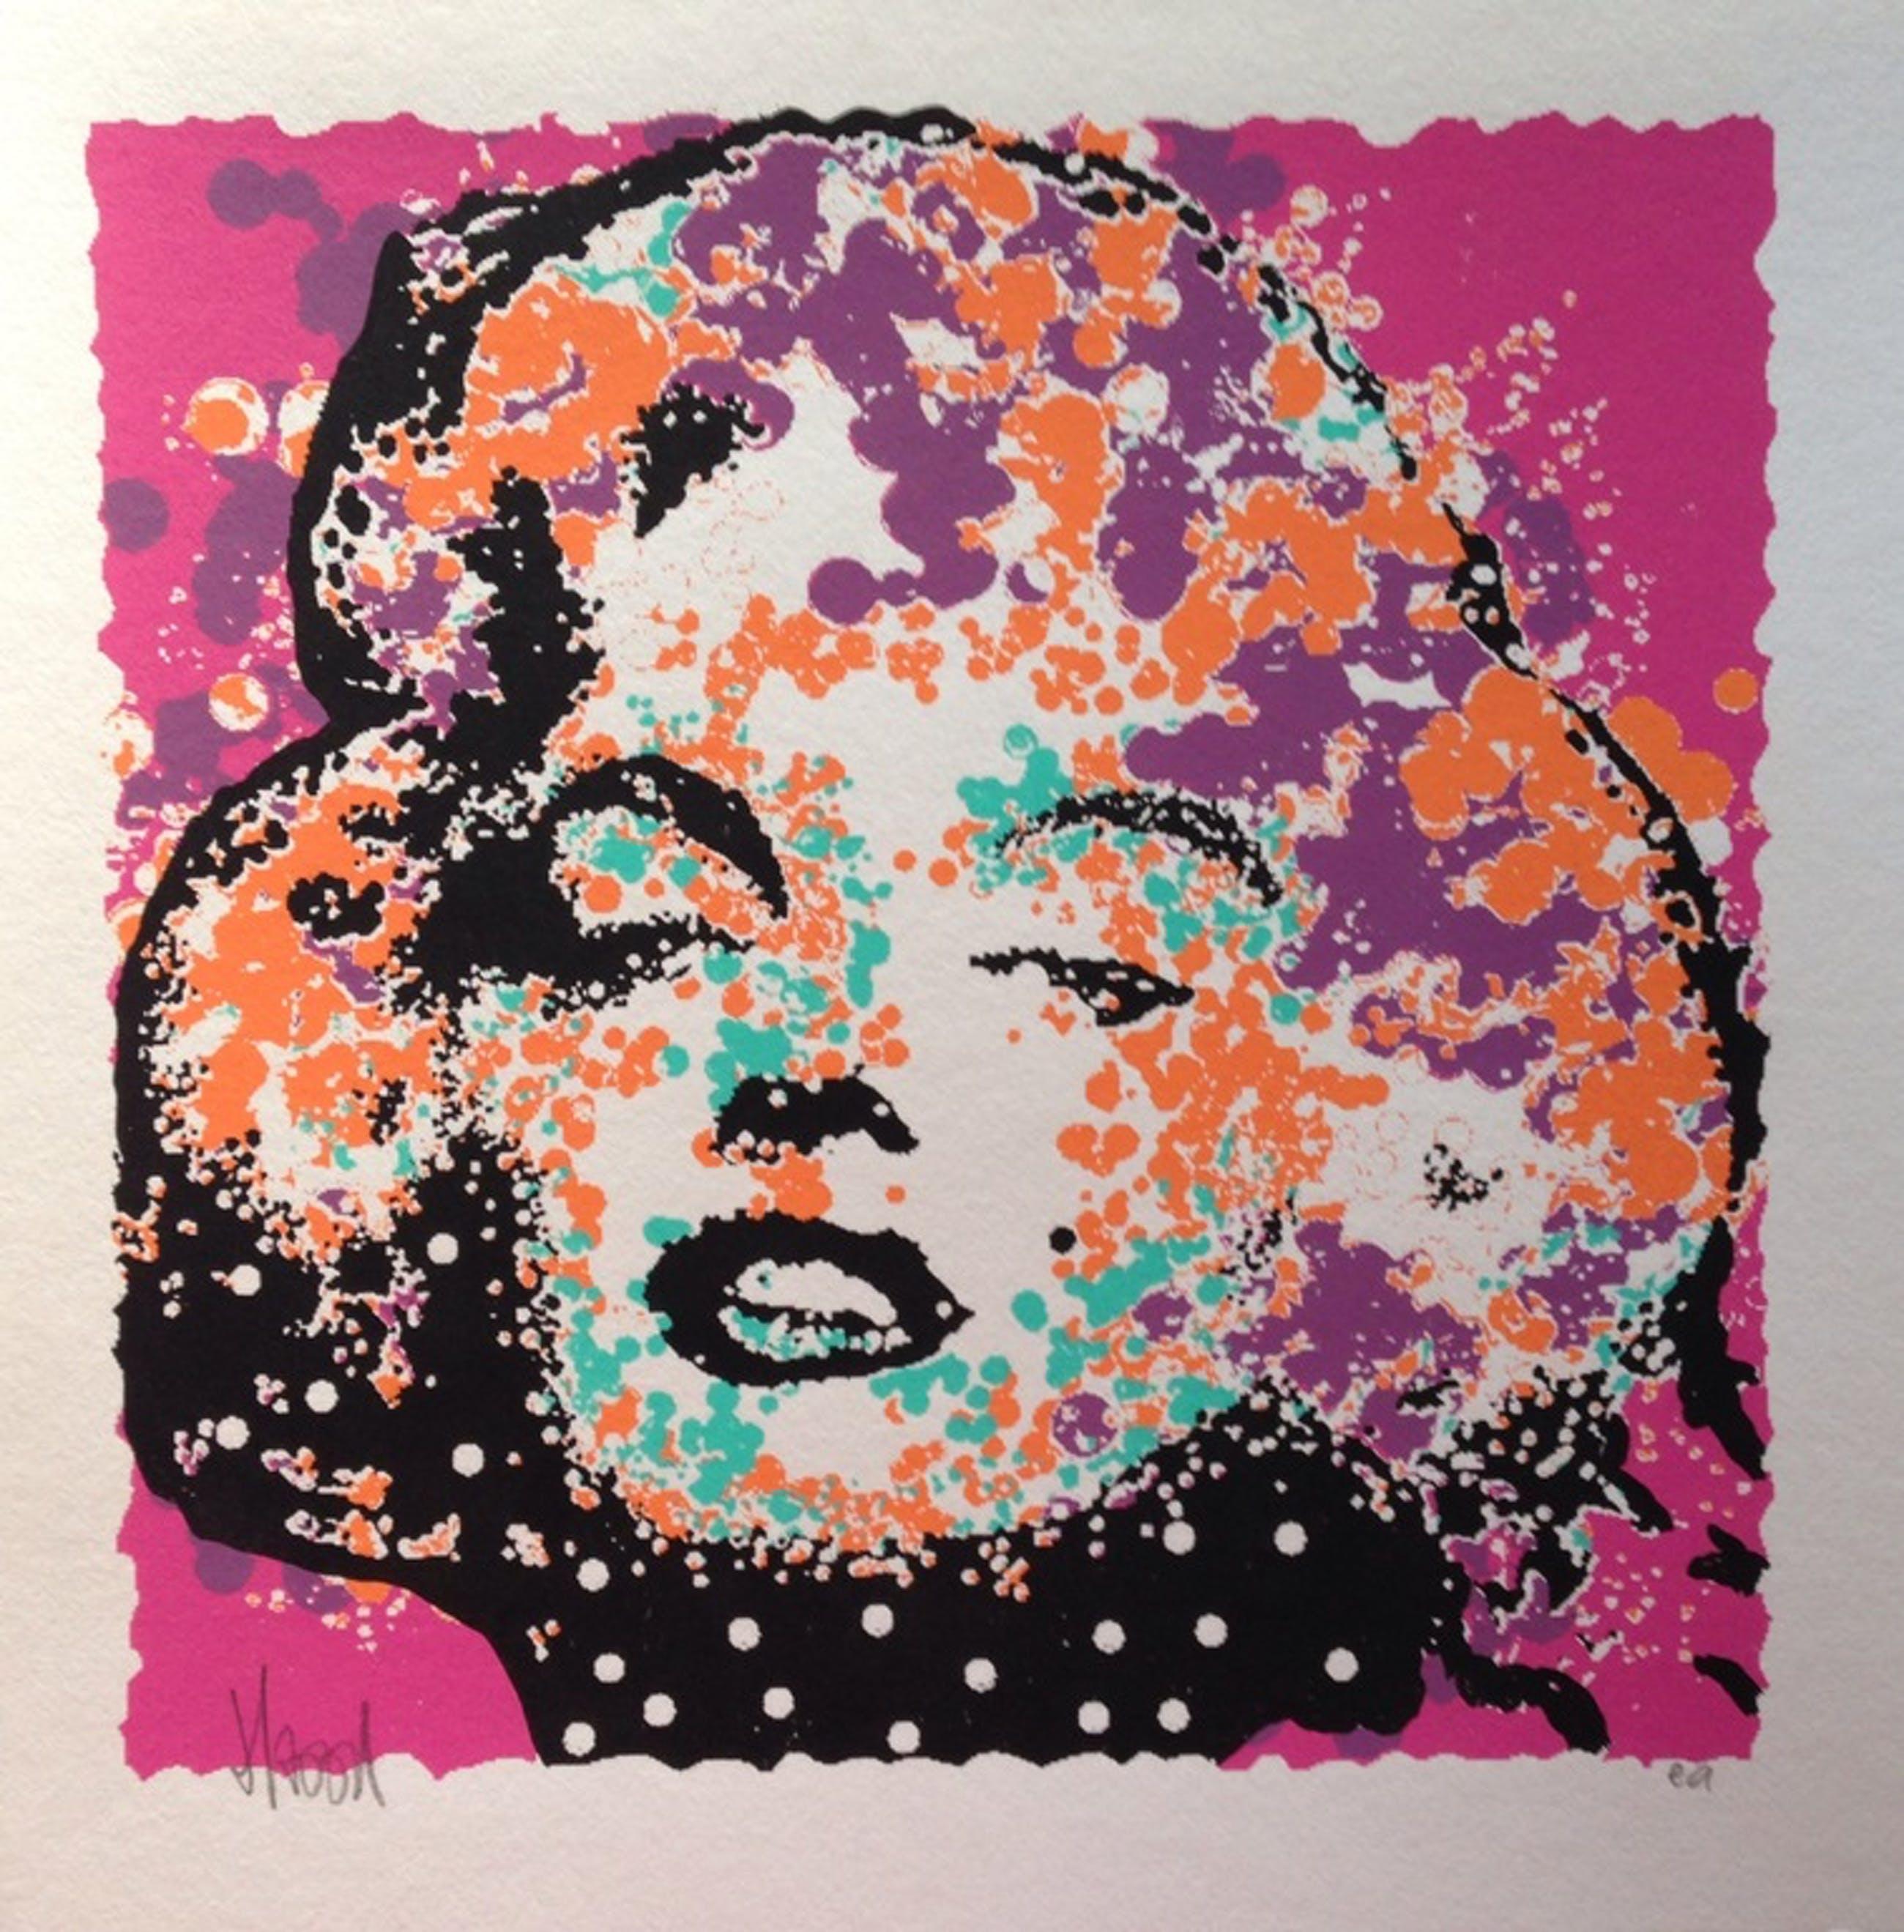 AD VAN HASSEL - handgesigneerde zeefdruk: Marilyn Monroe Paars kopen? Bied vanaf 1!